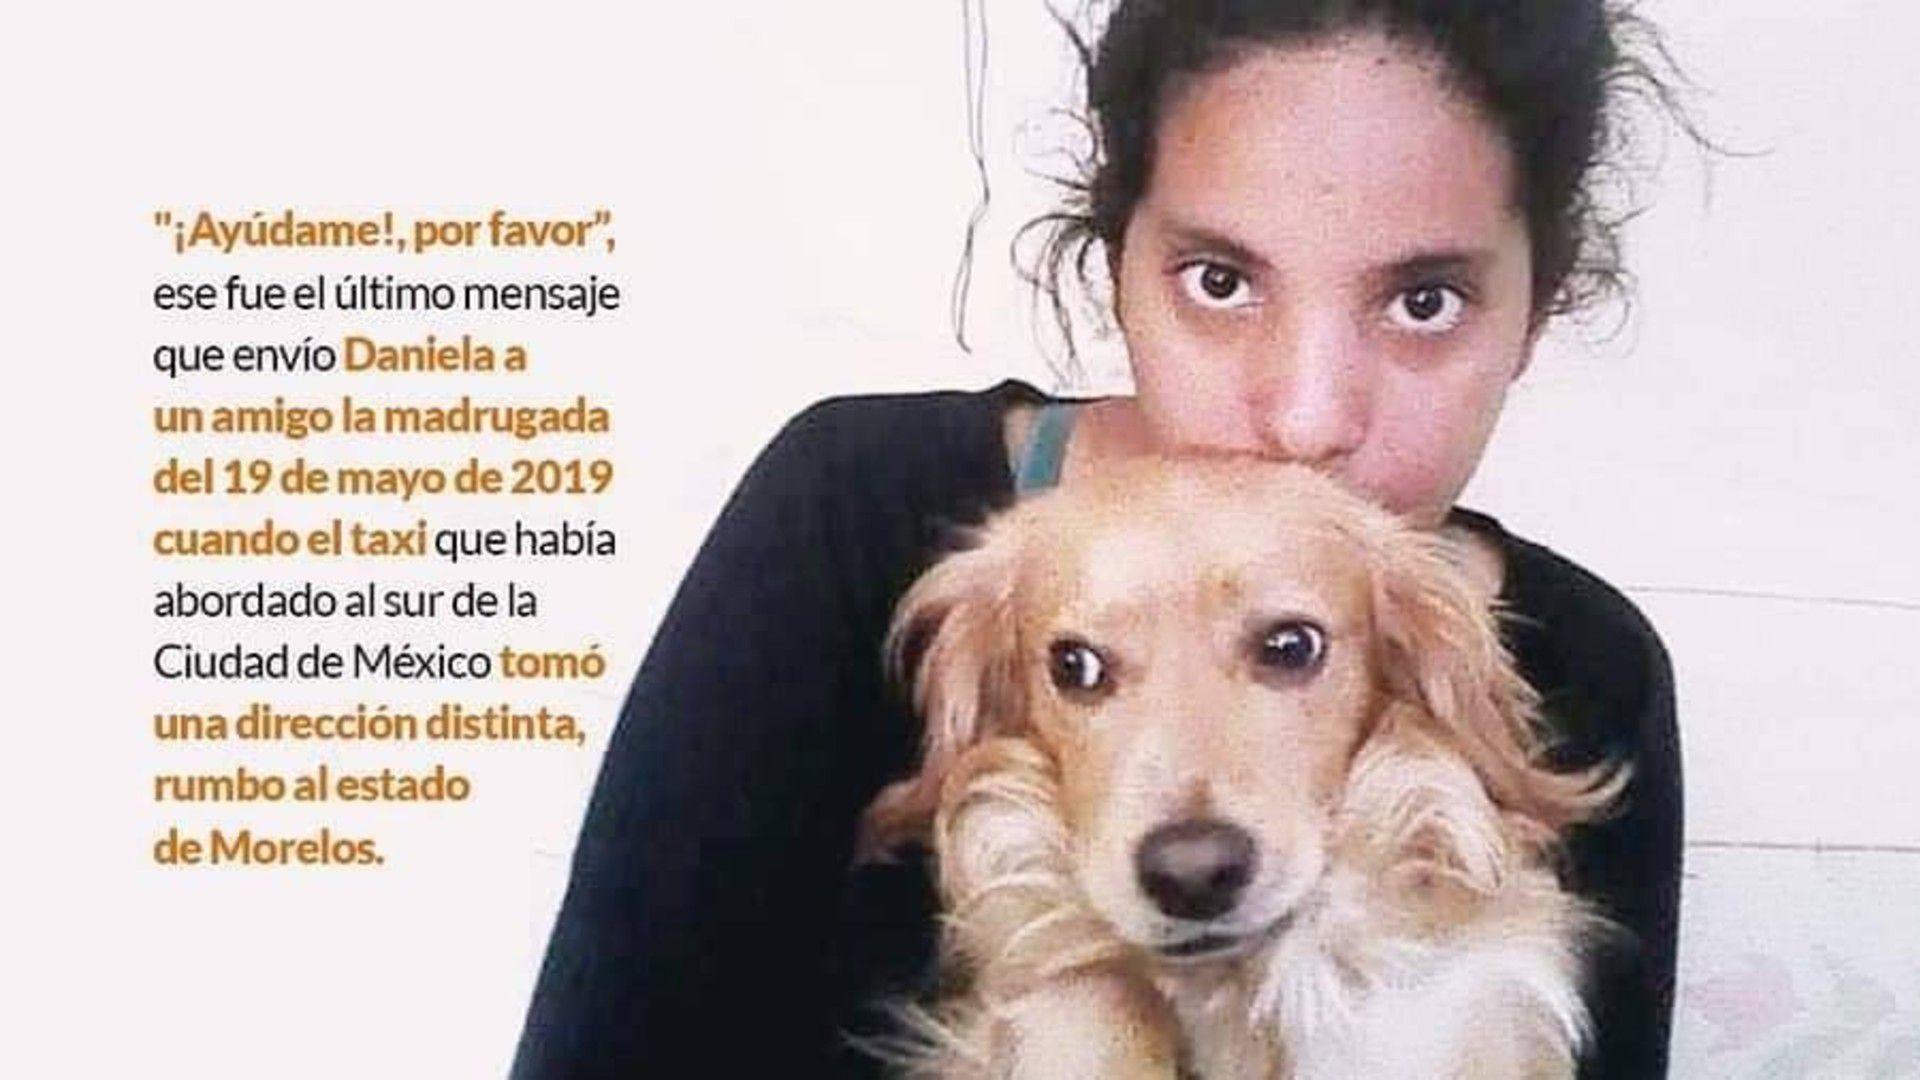 Daniela Ramírez. de 18 años, desapareció el pasado 18 de mayo cuando se dirigía a una fiesta (Foto: Especial)